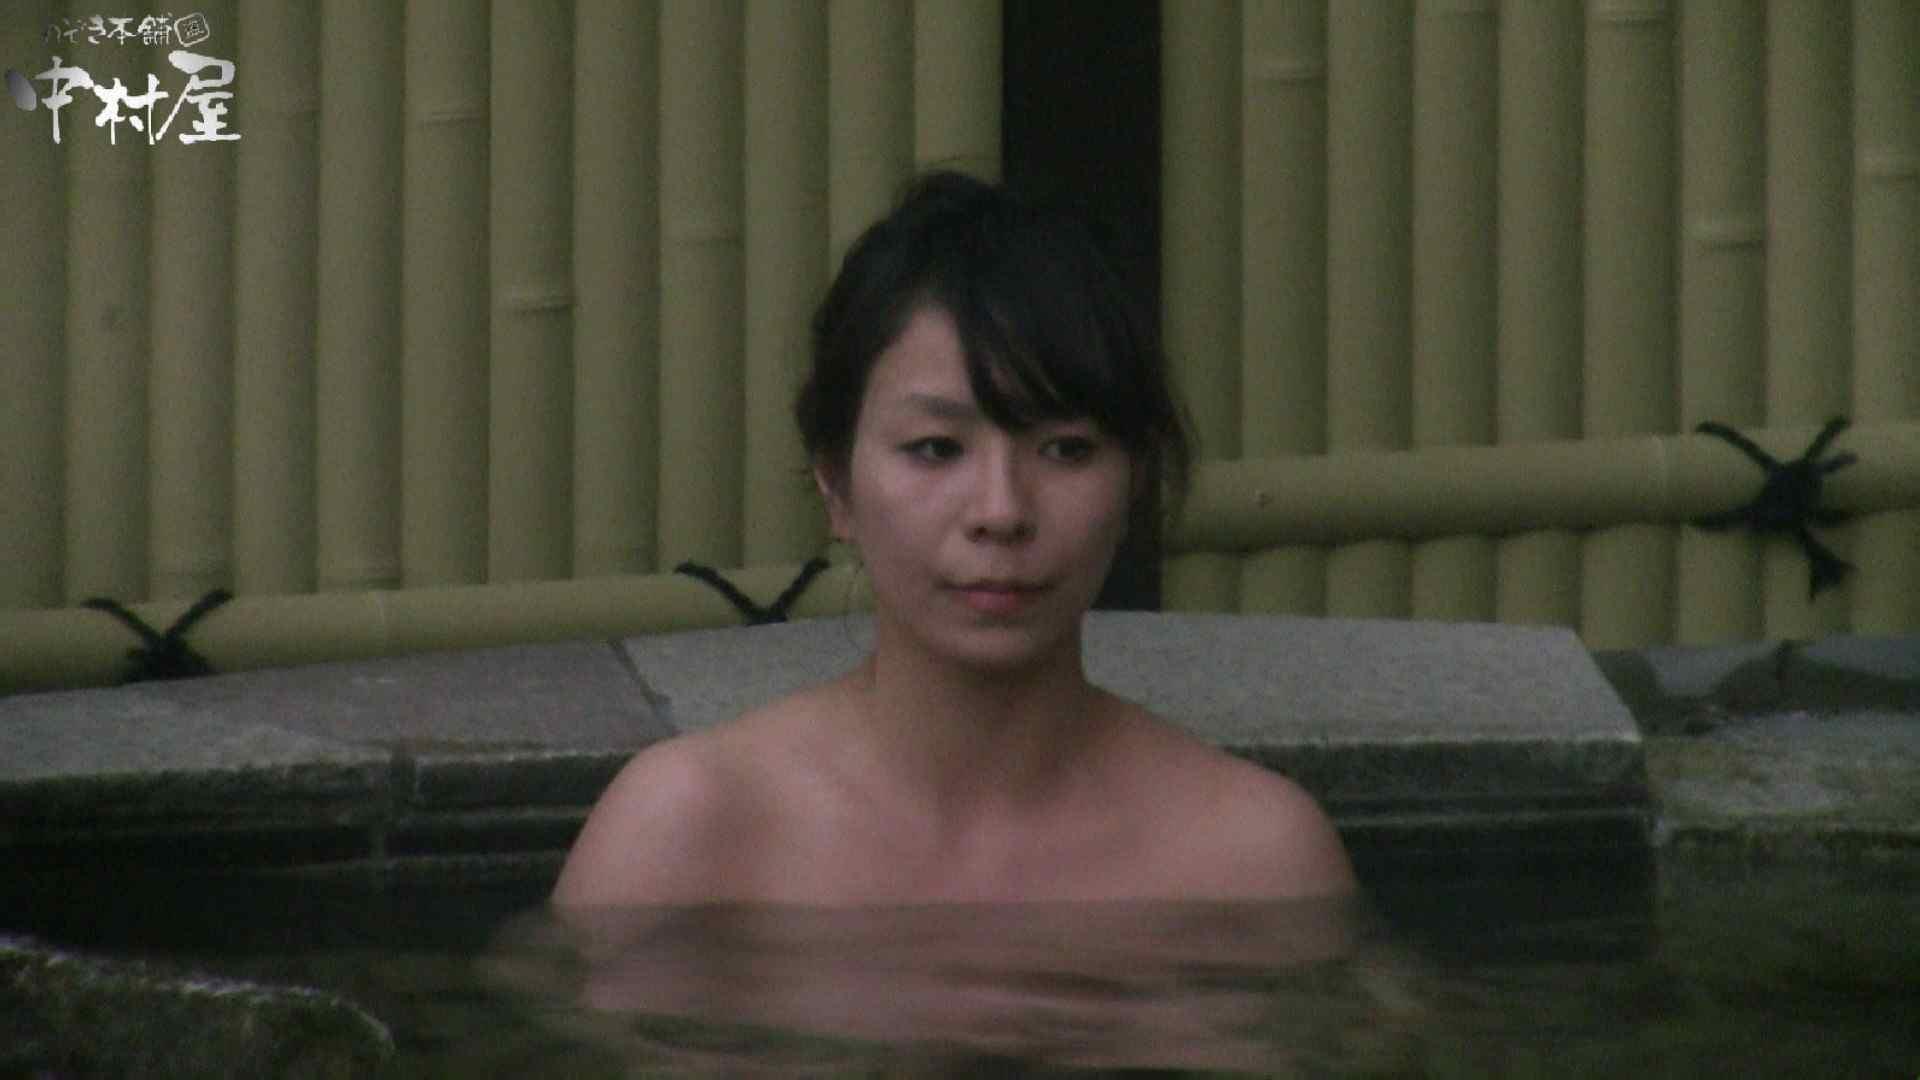 Aquaな露天風呂Vol.930 OL  66pic 21